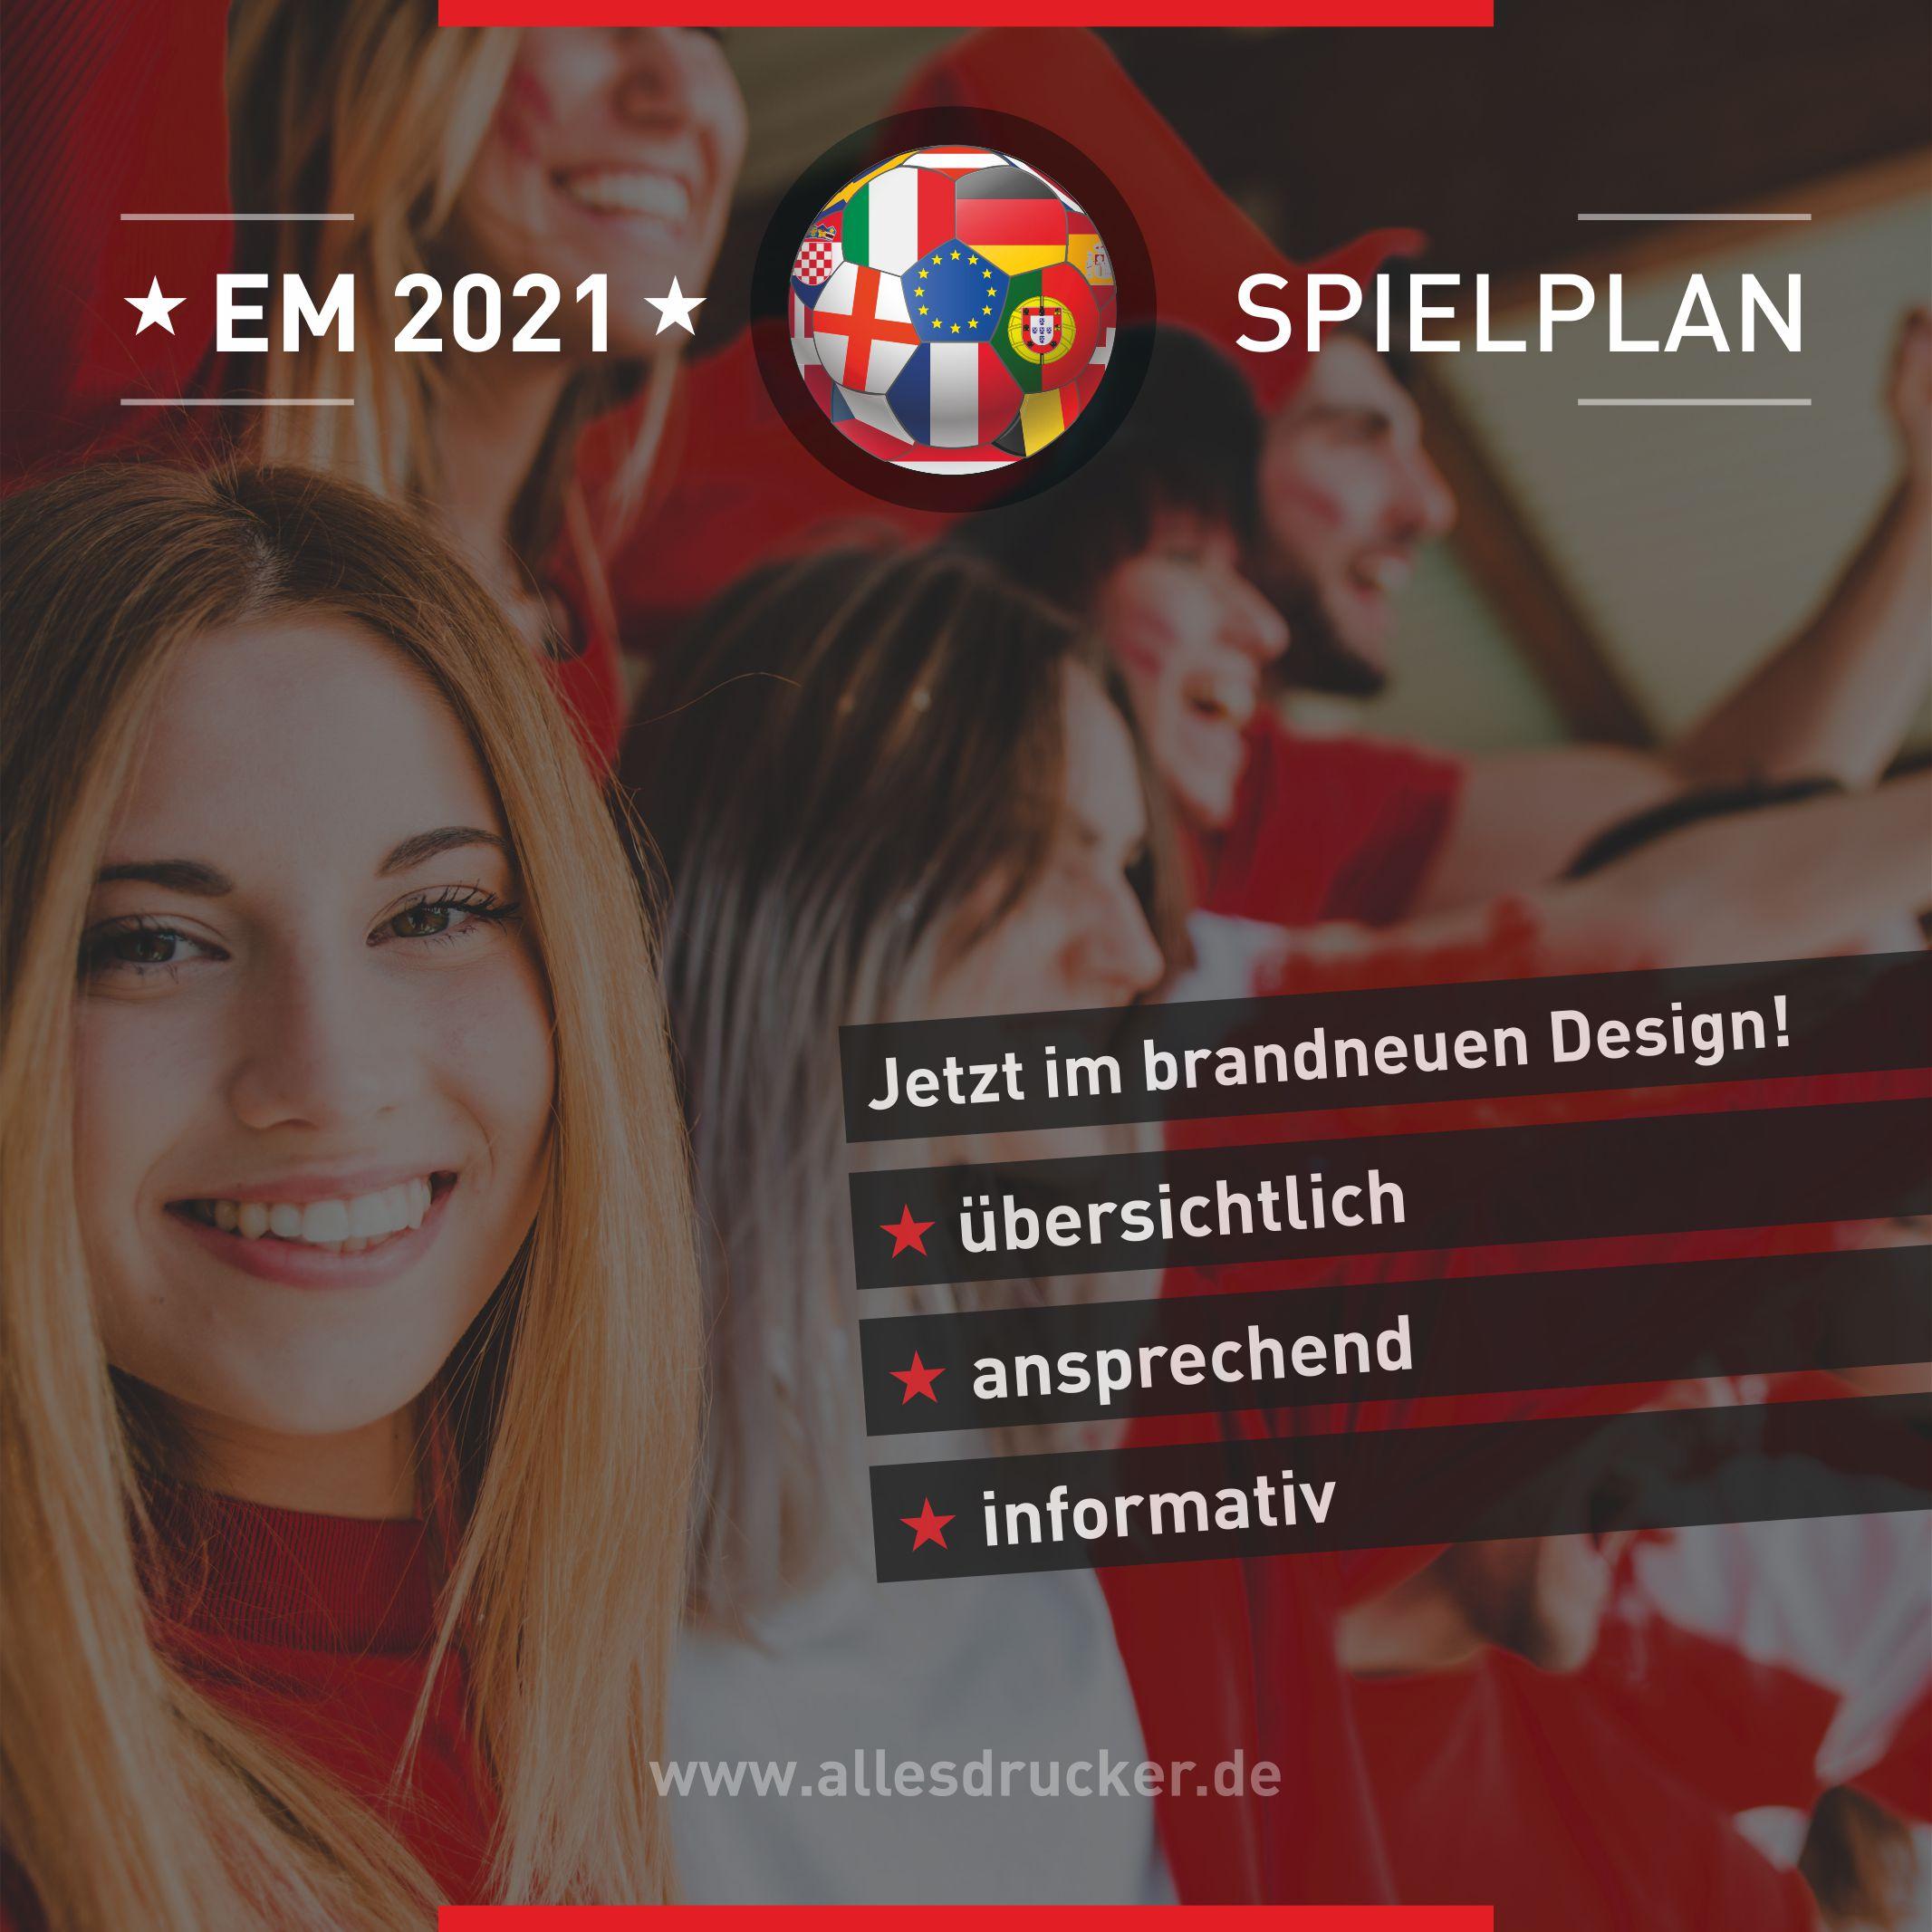 EM2021 Spielplan